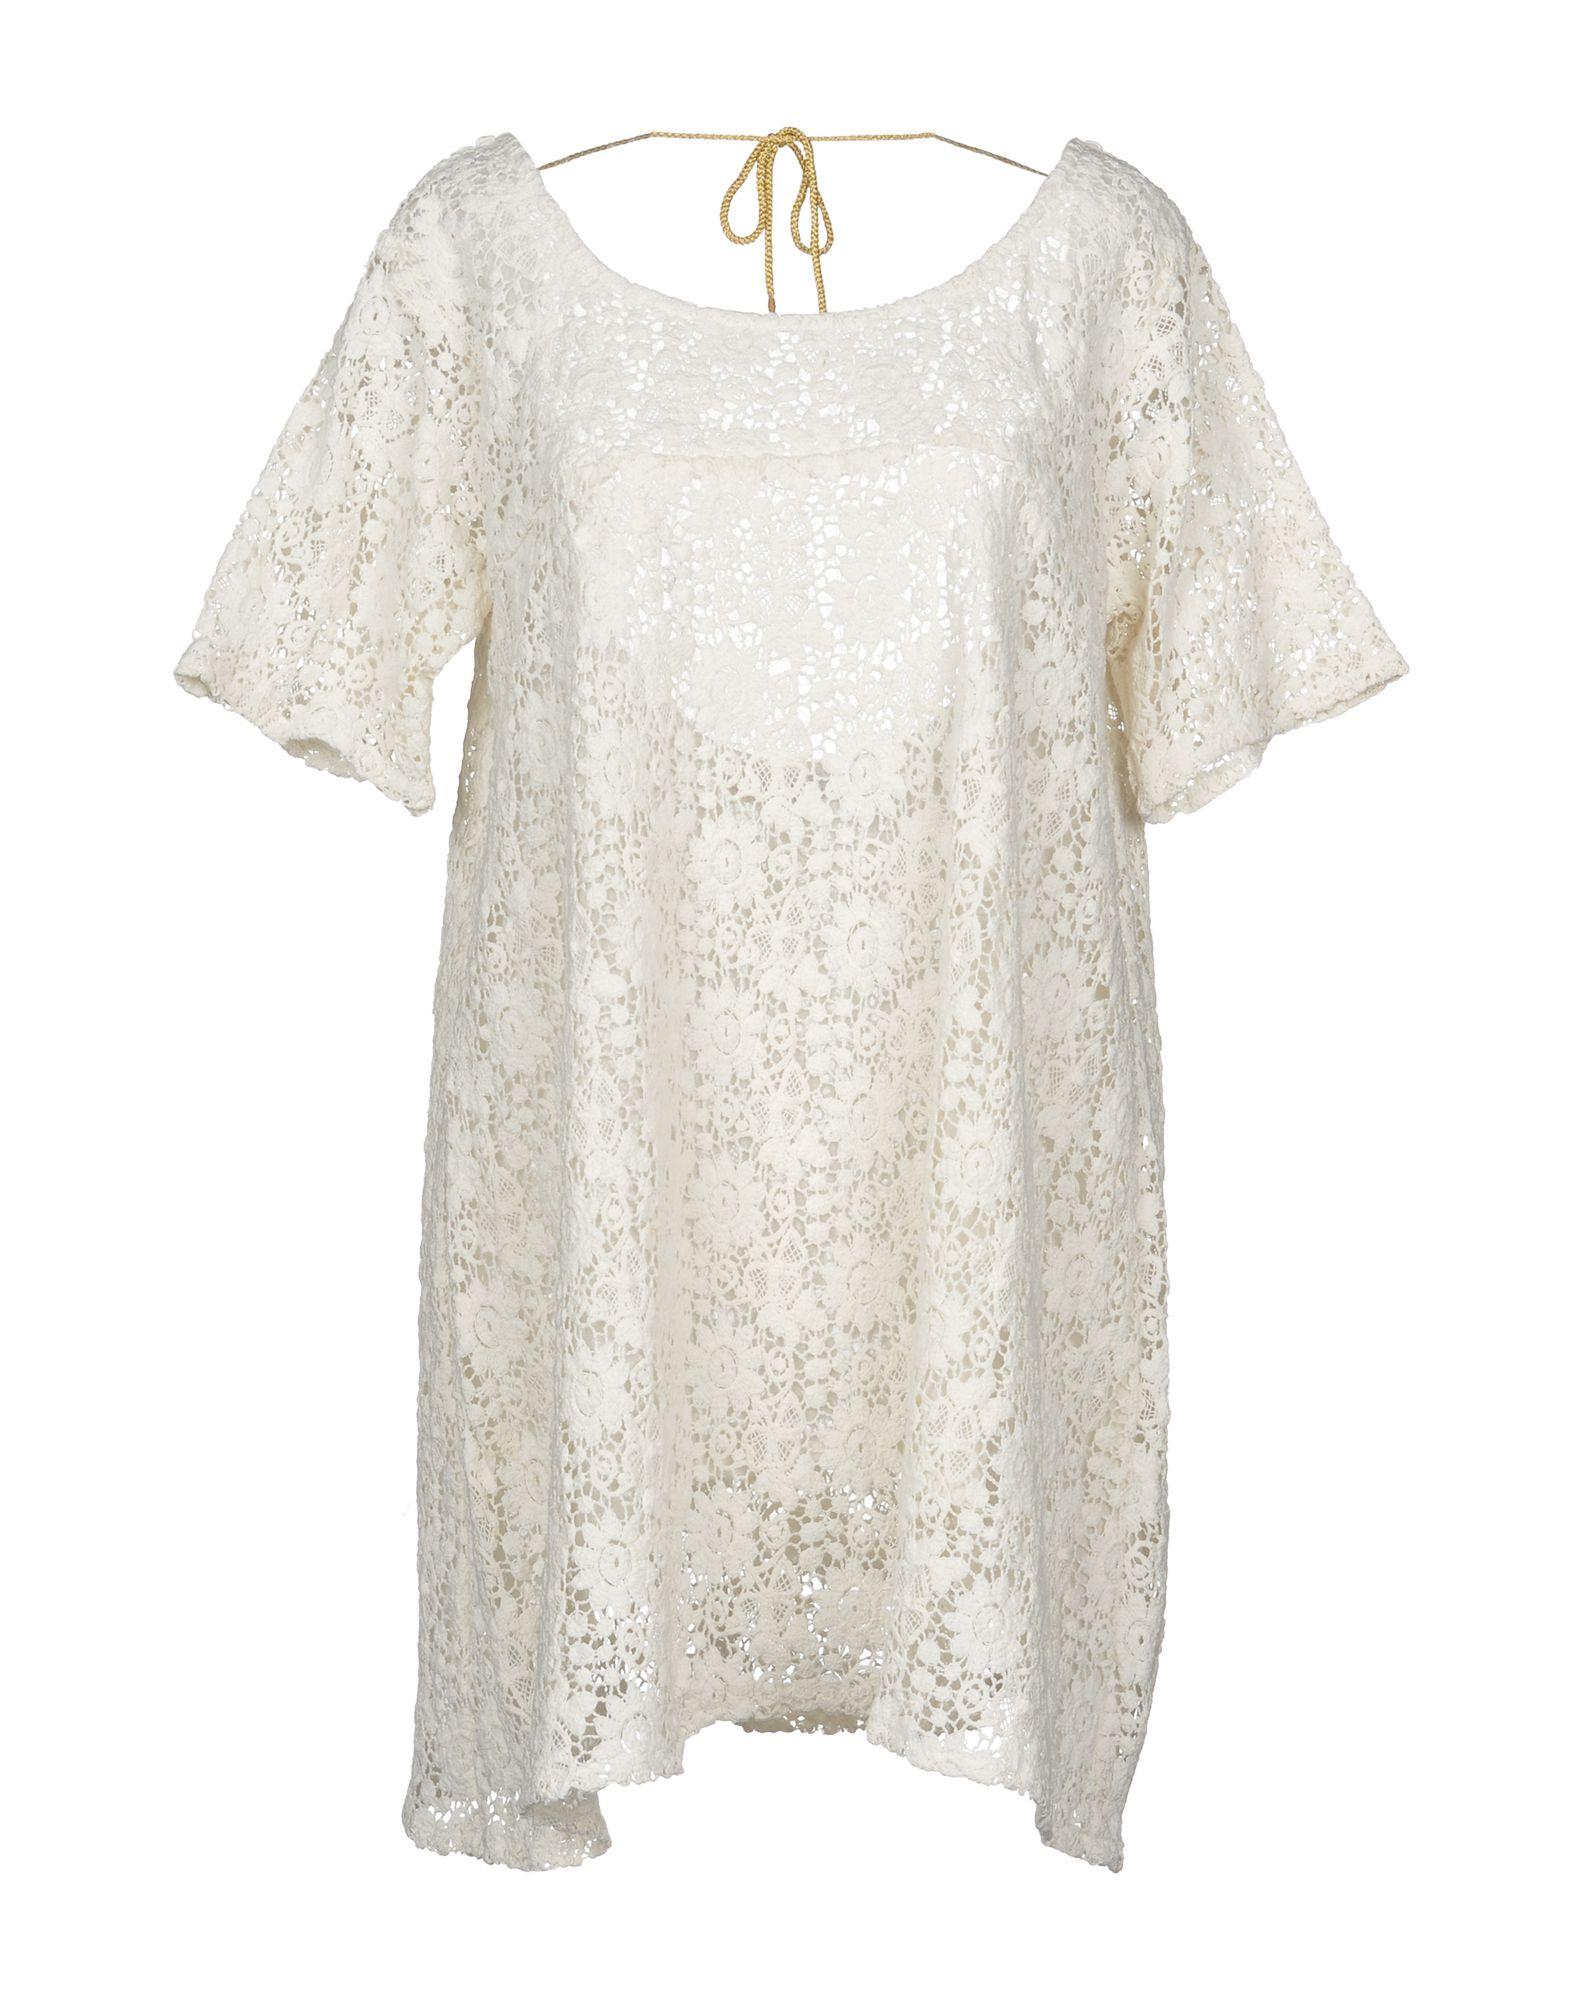 SUNDRESS Short Dress in Ivory